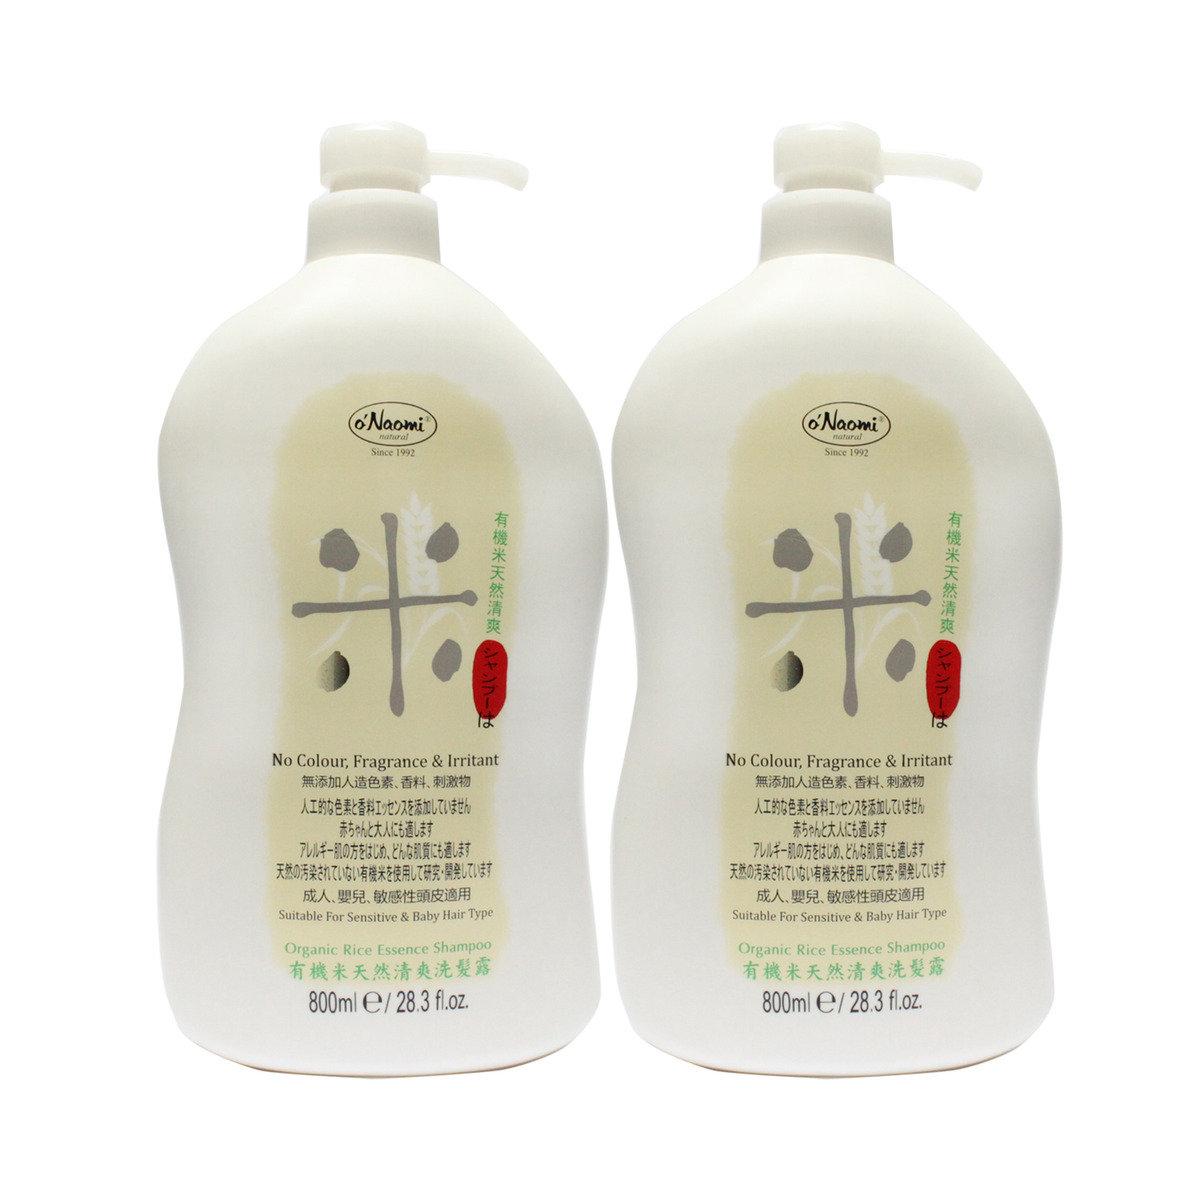 『有機米』溫和滋潤洗髮露 800ml X2